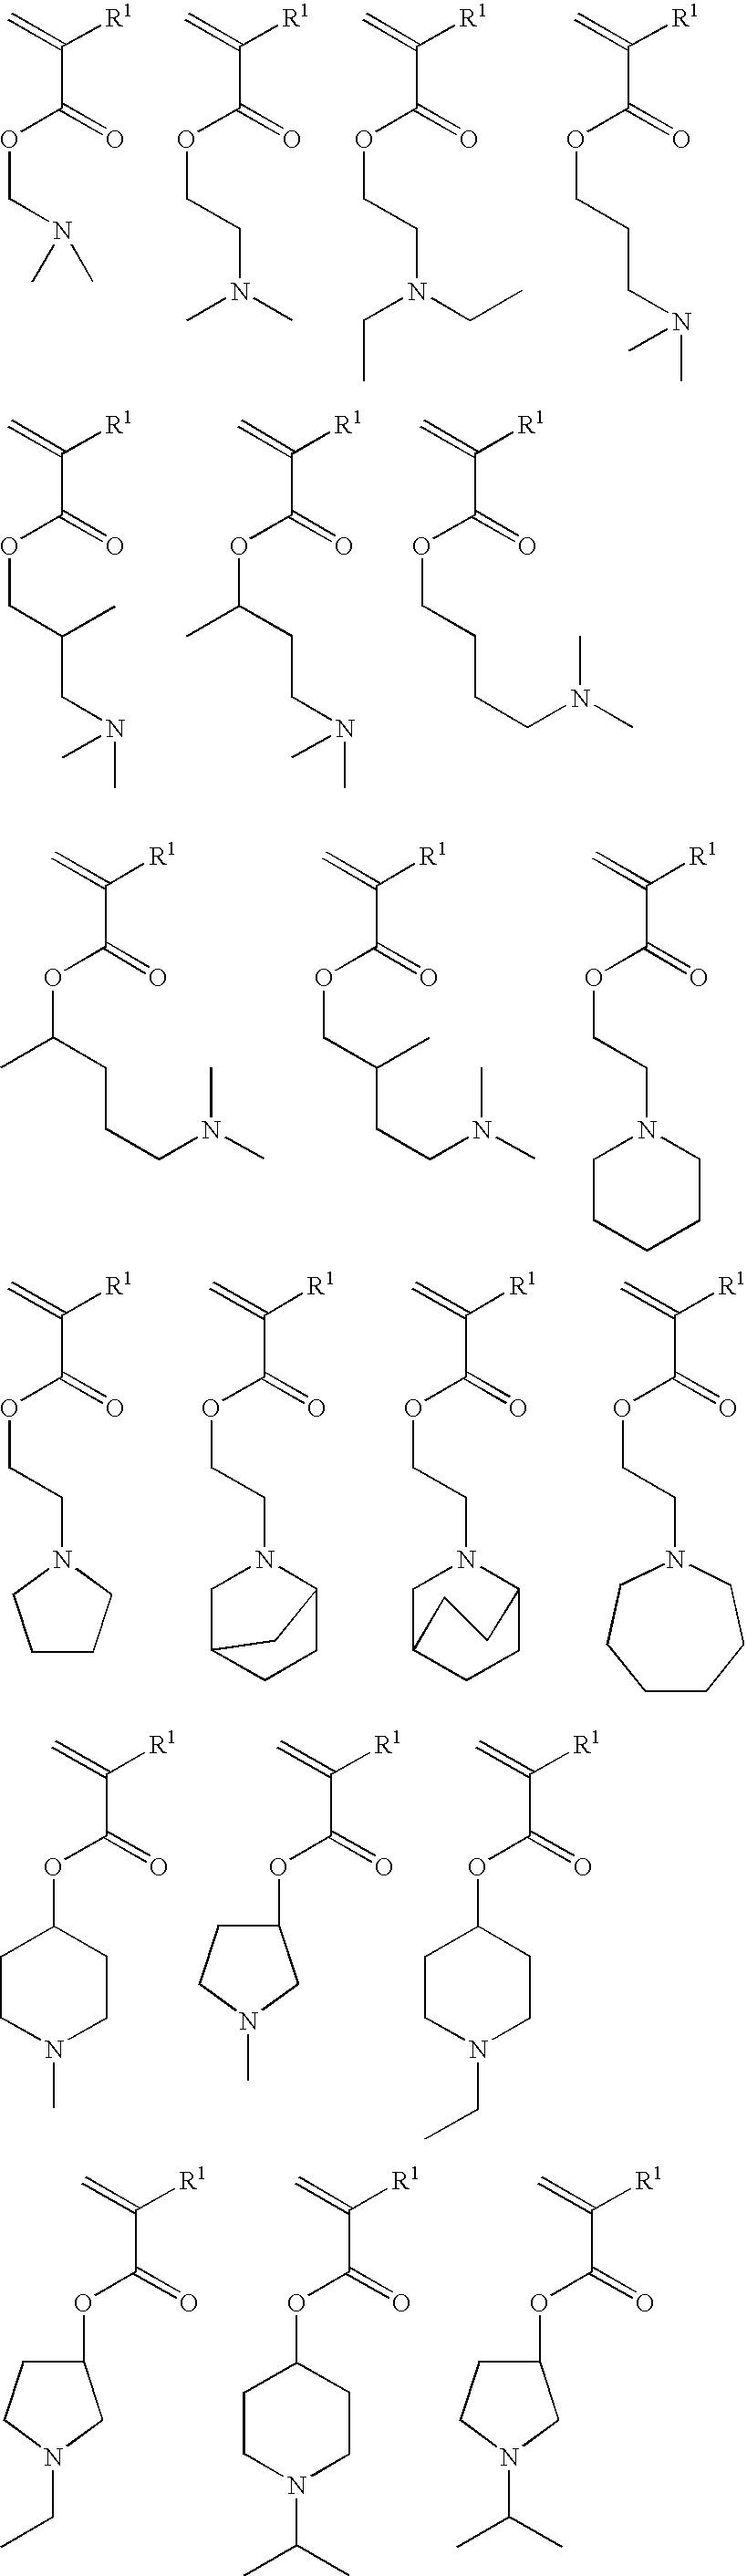 Figure US20090011365A1-20090108-C00005